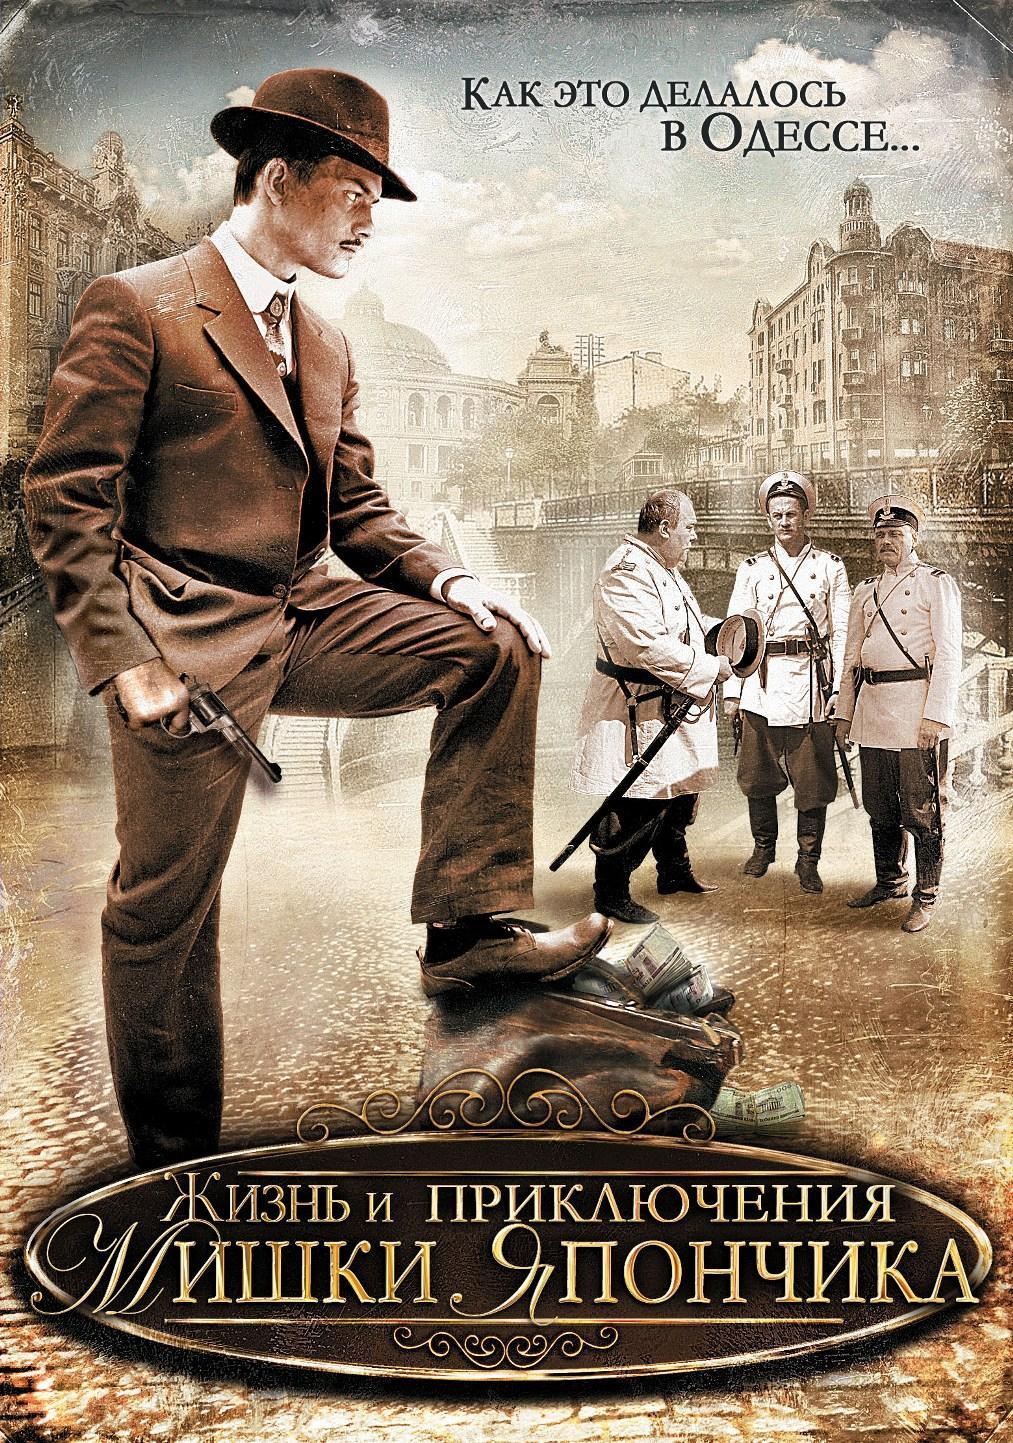 Однажды в Одессе или Жизнь и приключения Мишки Япончика (2011) OST.